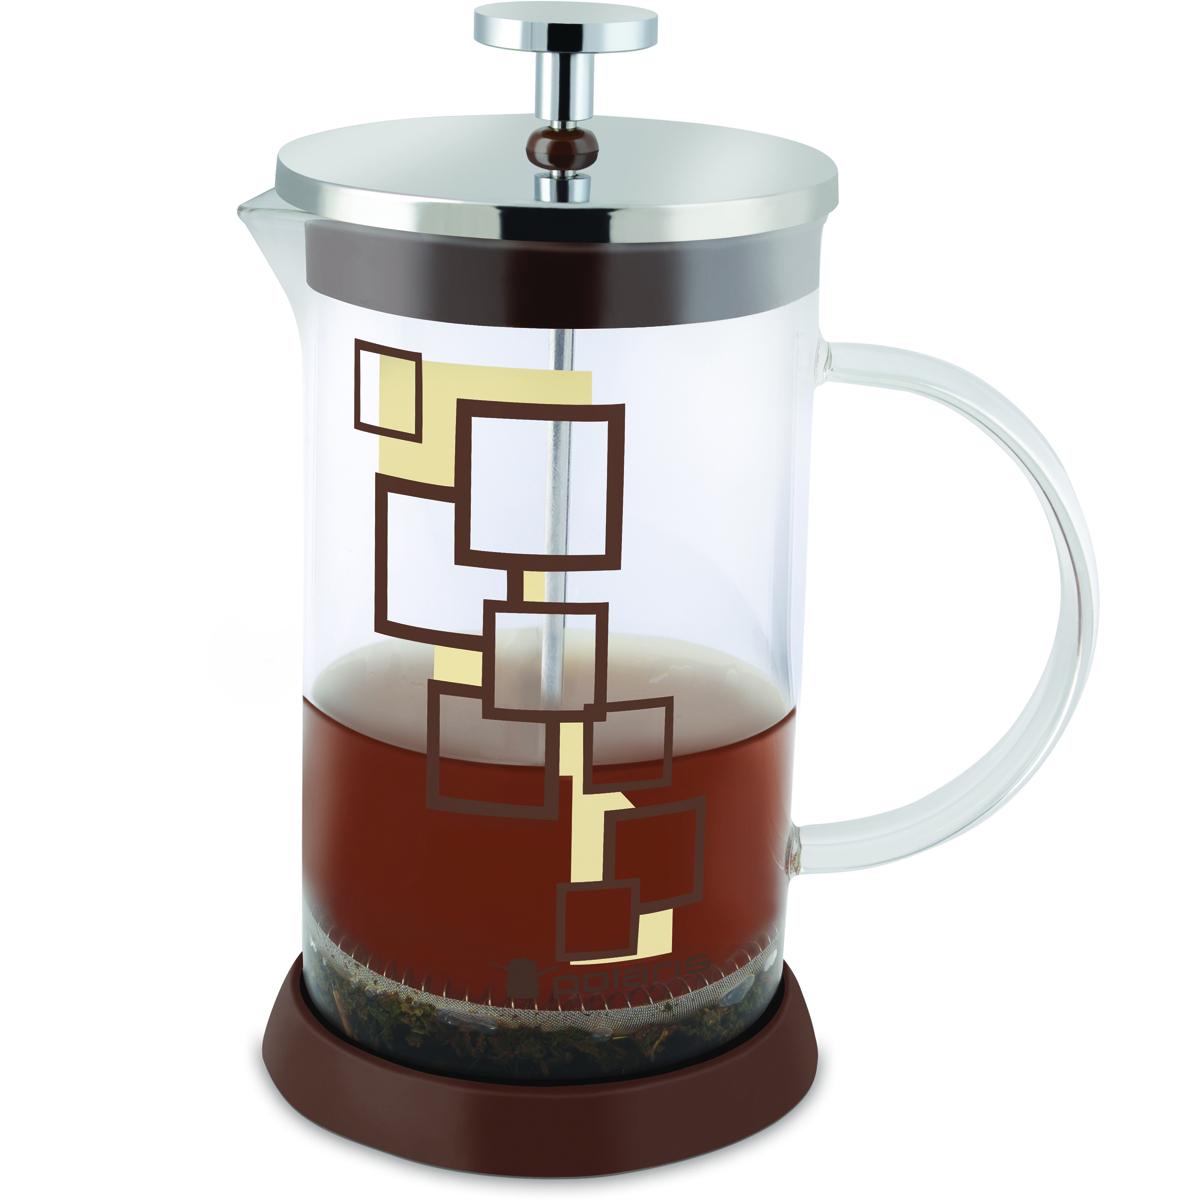 Френч-пресс Polaris Pixel-600FP, 600 млVT-1520(SR)Эксклюзивный дизайн. Френч-пресс Polaris Pixel подходит для заваривания кофе и чая.Колба изготовлена из жаропрочного стекла. Эргономичный поршень с фильтром выполнен из нержавеющей стали 18/10. Подставка из высококачественного силикона для удобства использования.